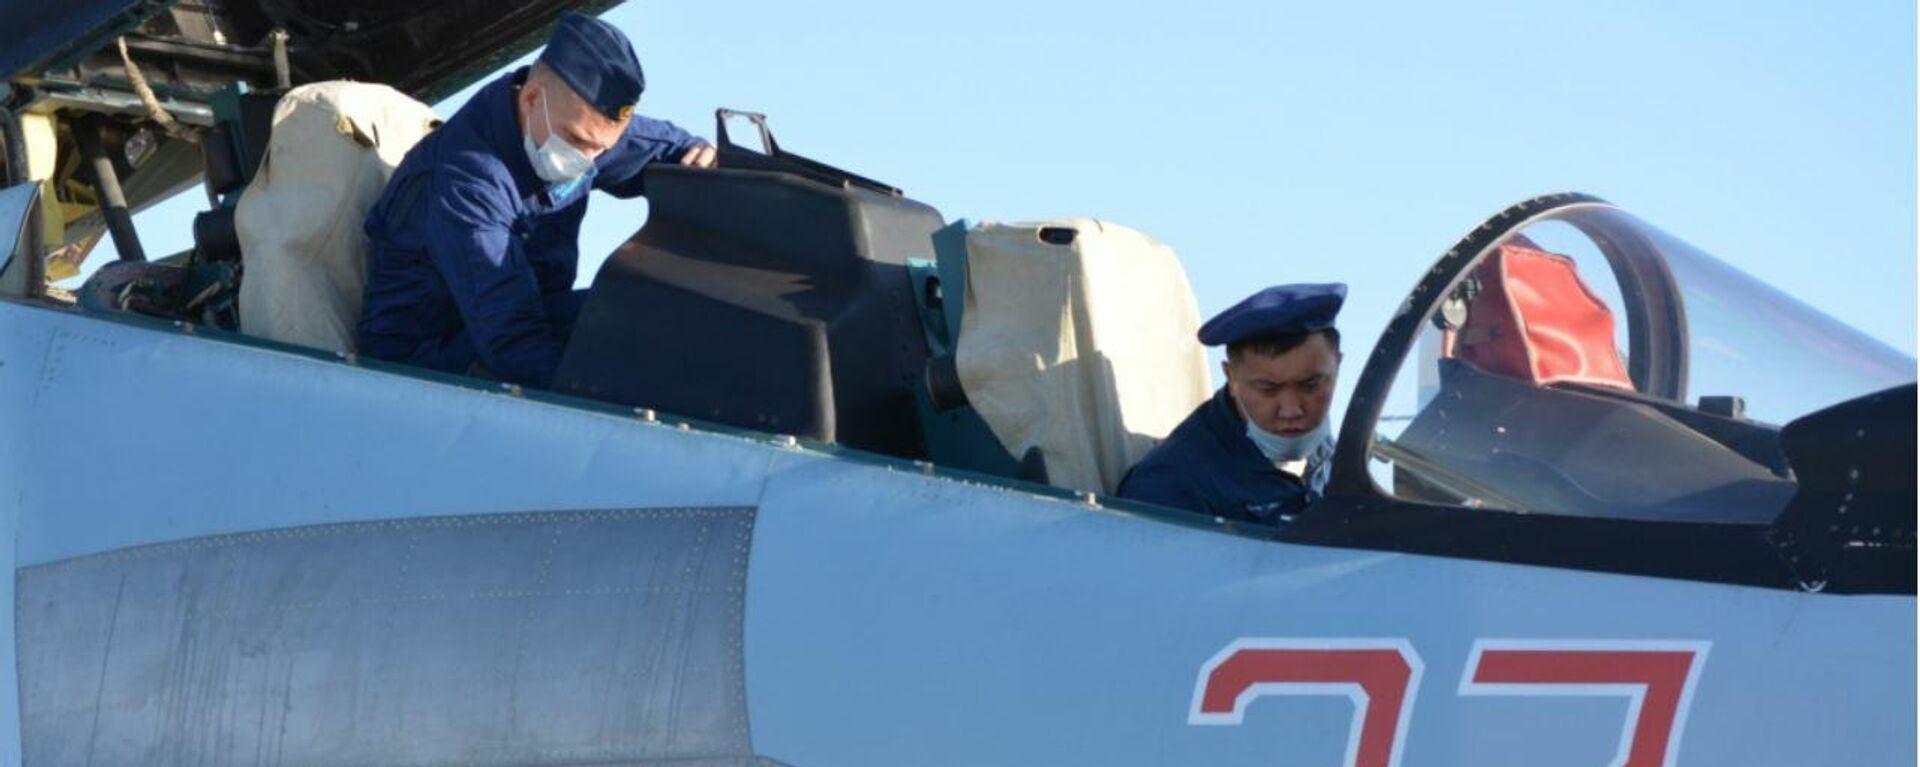 Экипажи истребителей Су-30СМ ВКС РФ провели совместную летную тренировку с летчиками ВВС Армии Китая - Sputnik Латвия, 1920, 09.08.2021